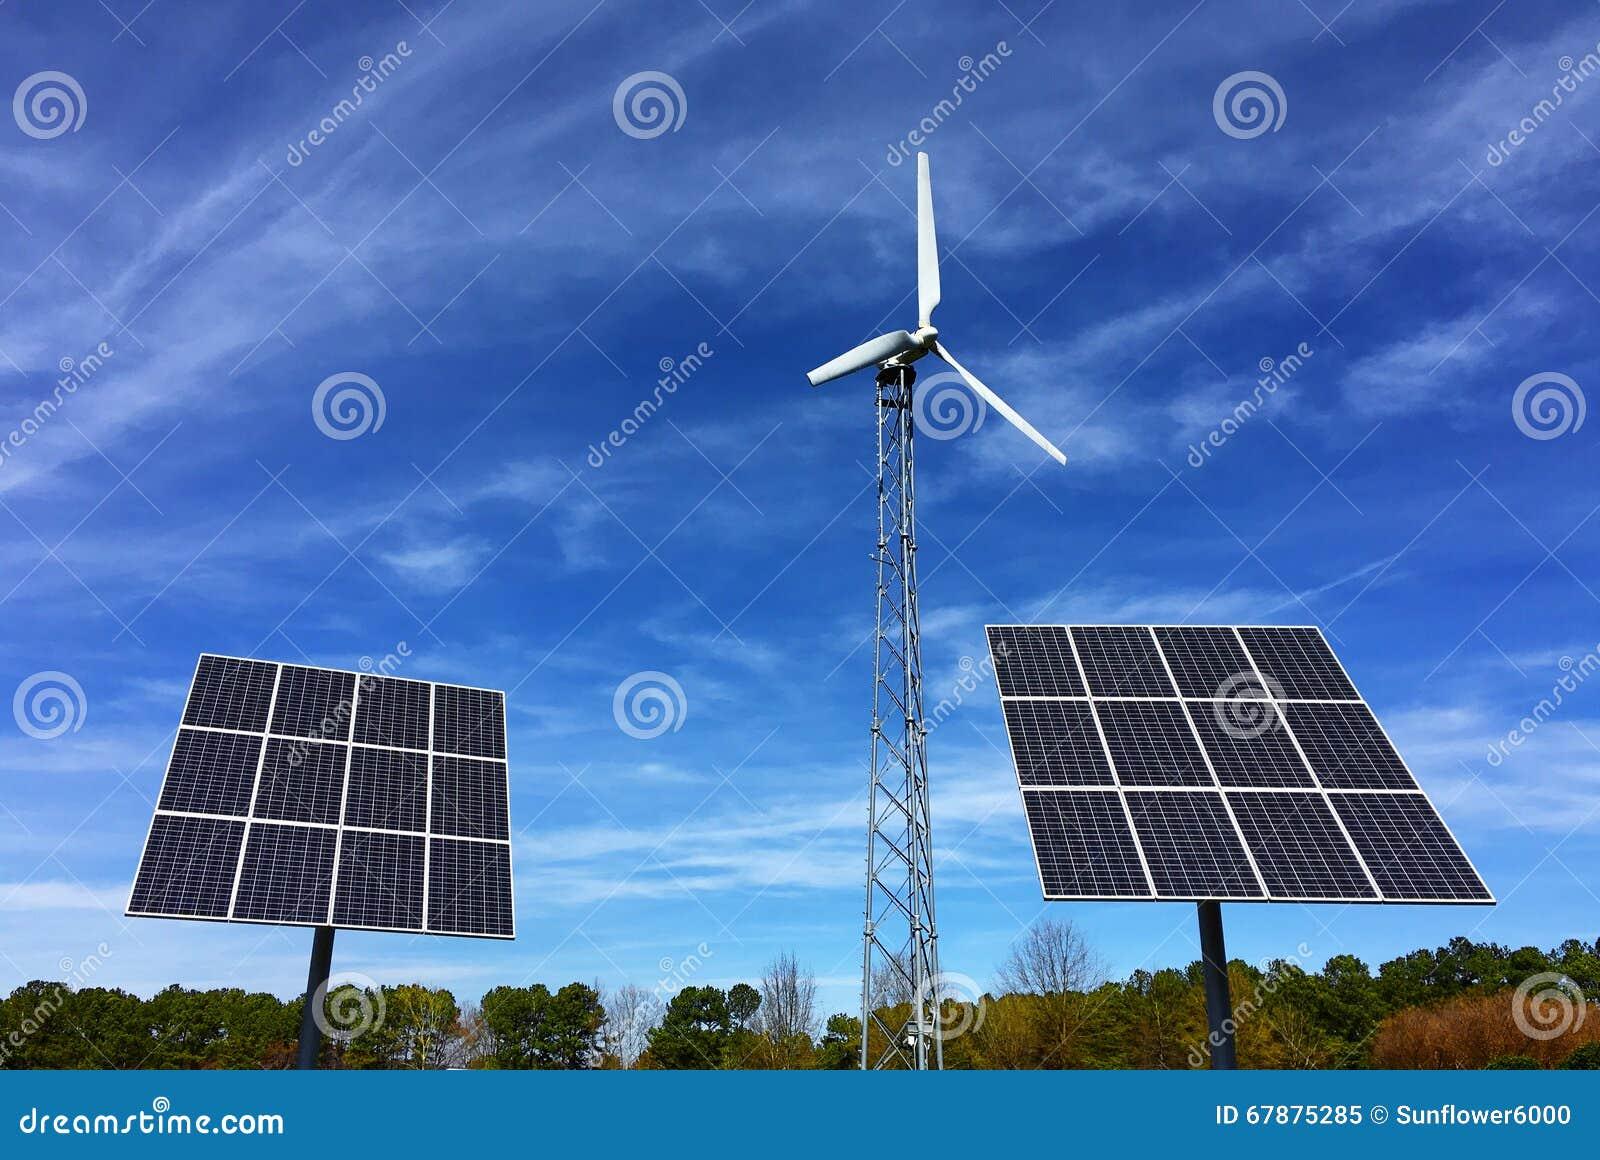 Centrale de turbine de panneaux solaires et d énergie éolienne